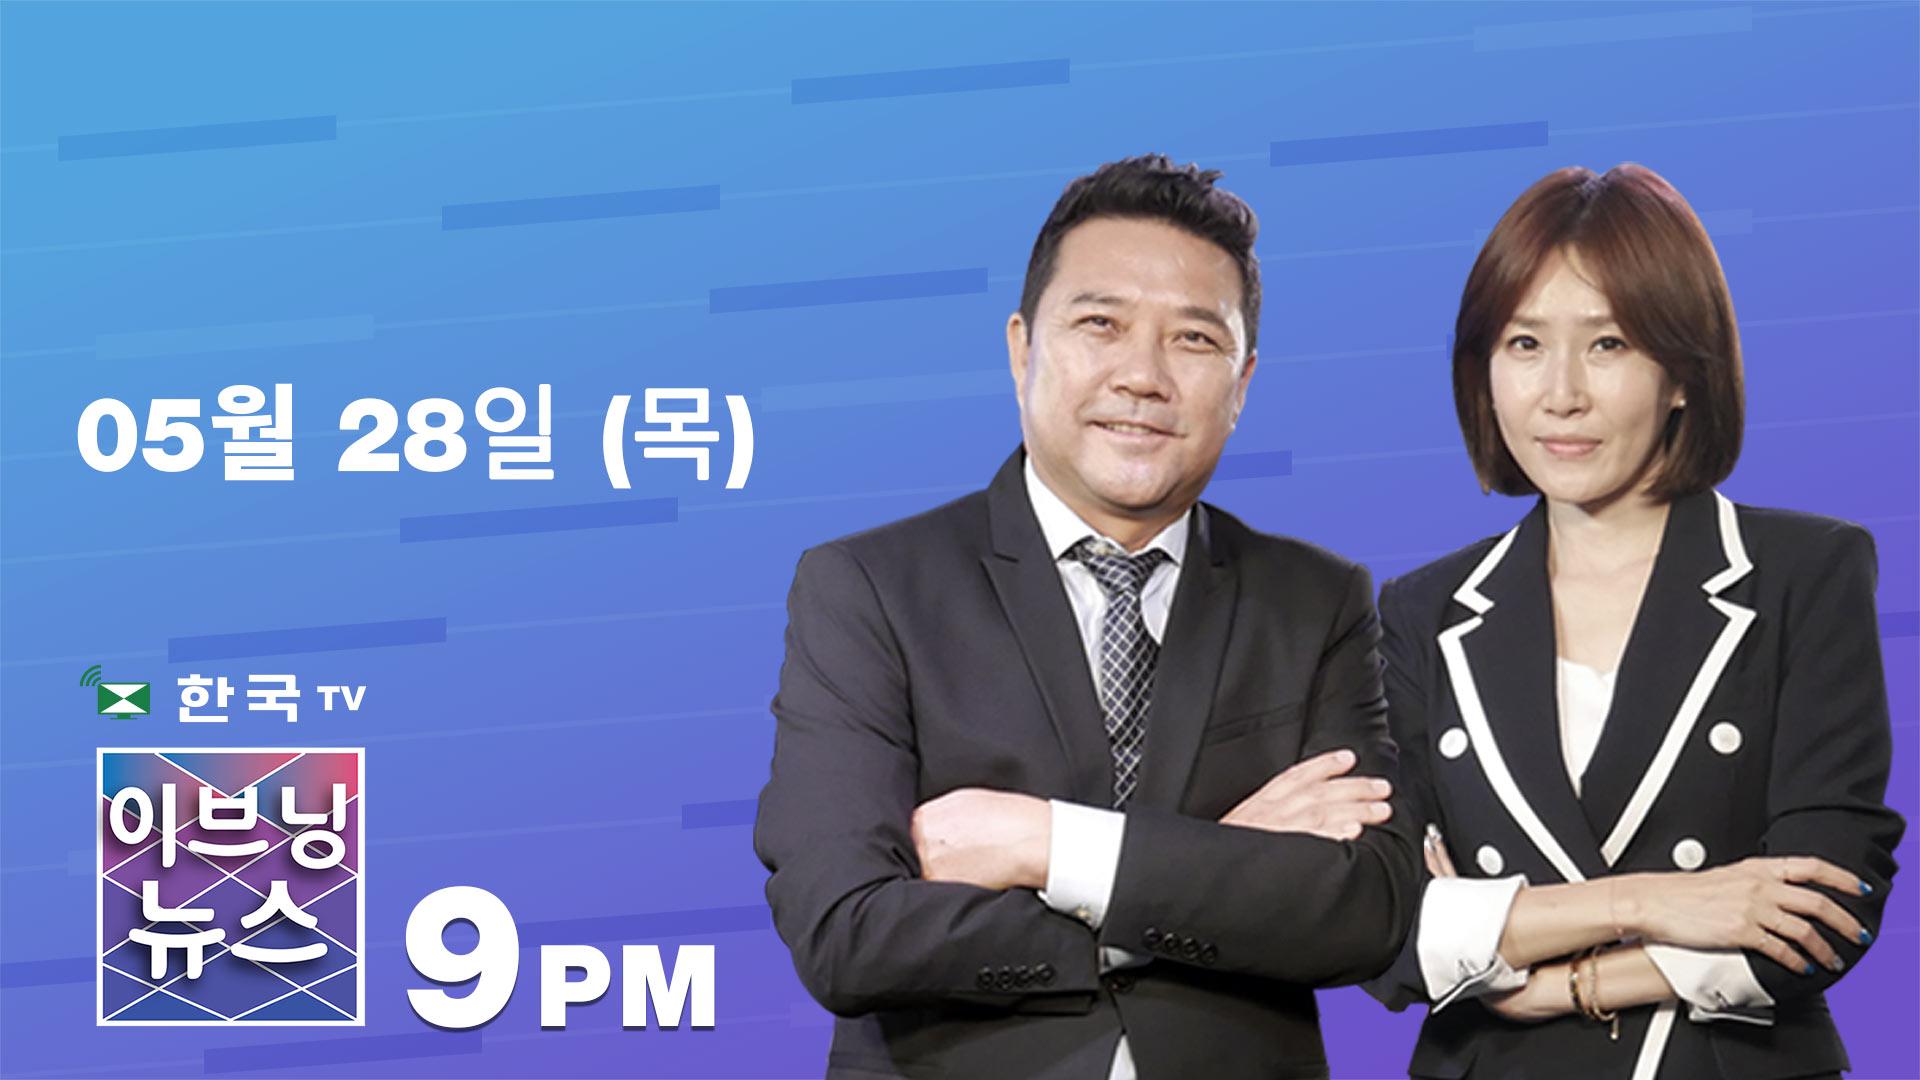 (05.28.2020) 한국TV 이브닝 뉴스